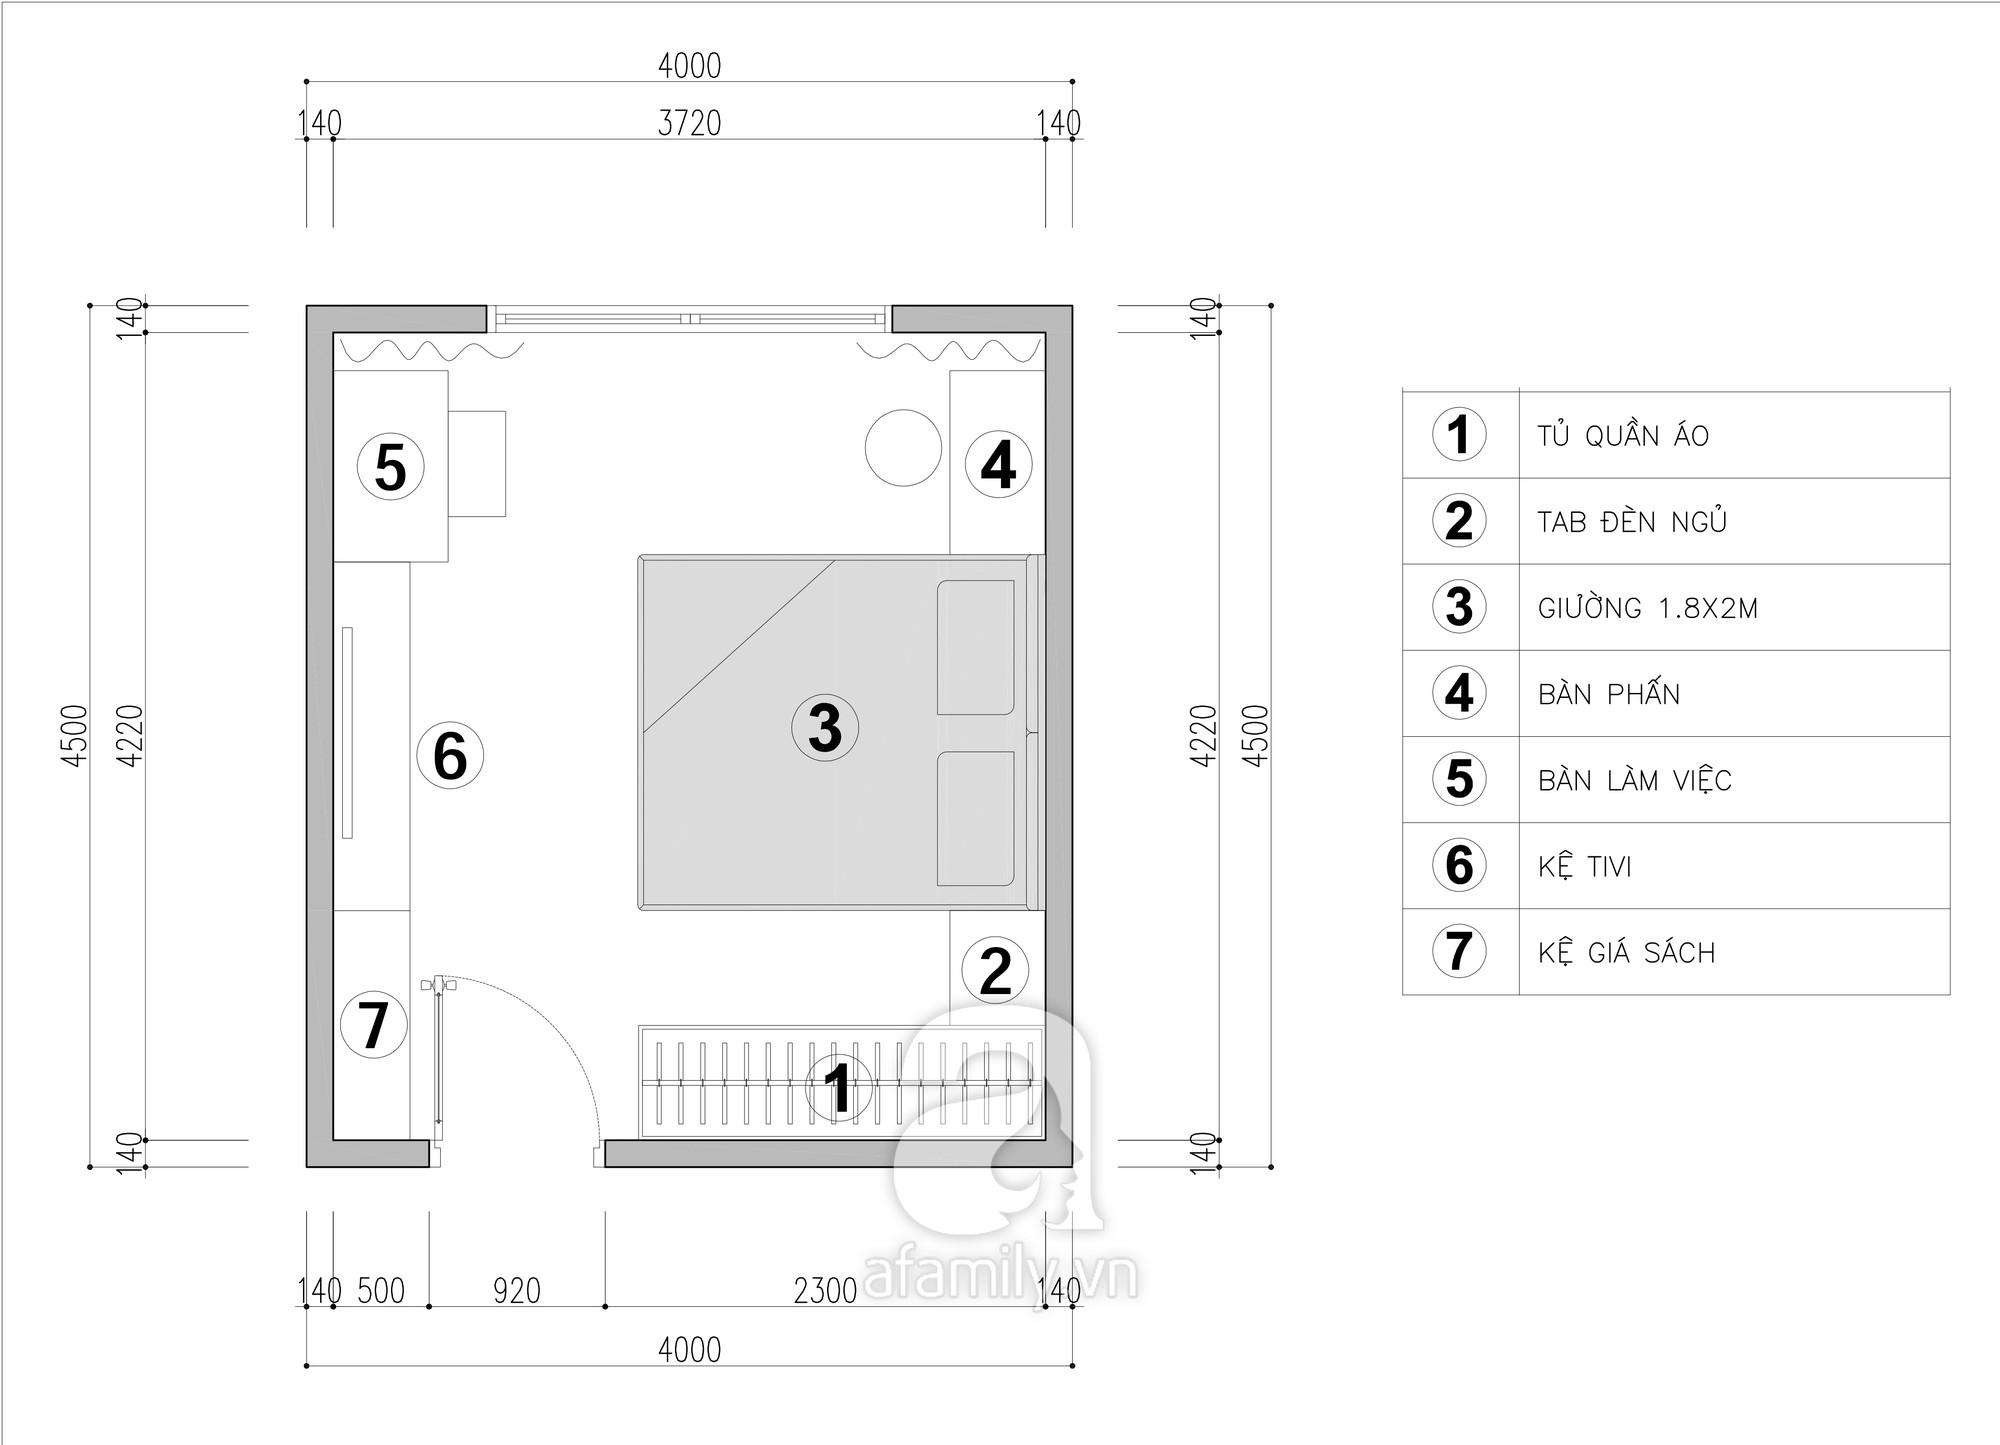 Tư vấn thiết kế phòng ngủ dành cho người chuẩn bị kết hôn rộng 4x4.5m - Ảnh 1.